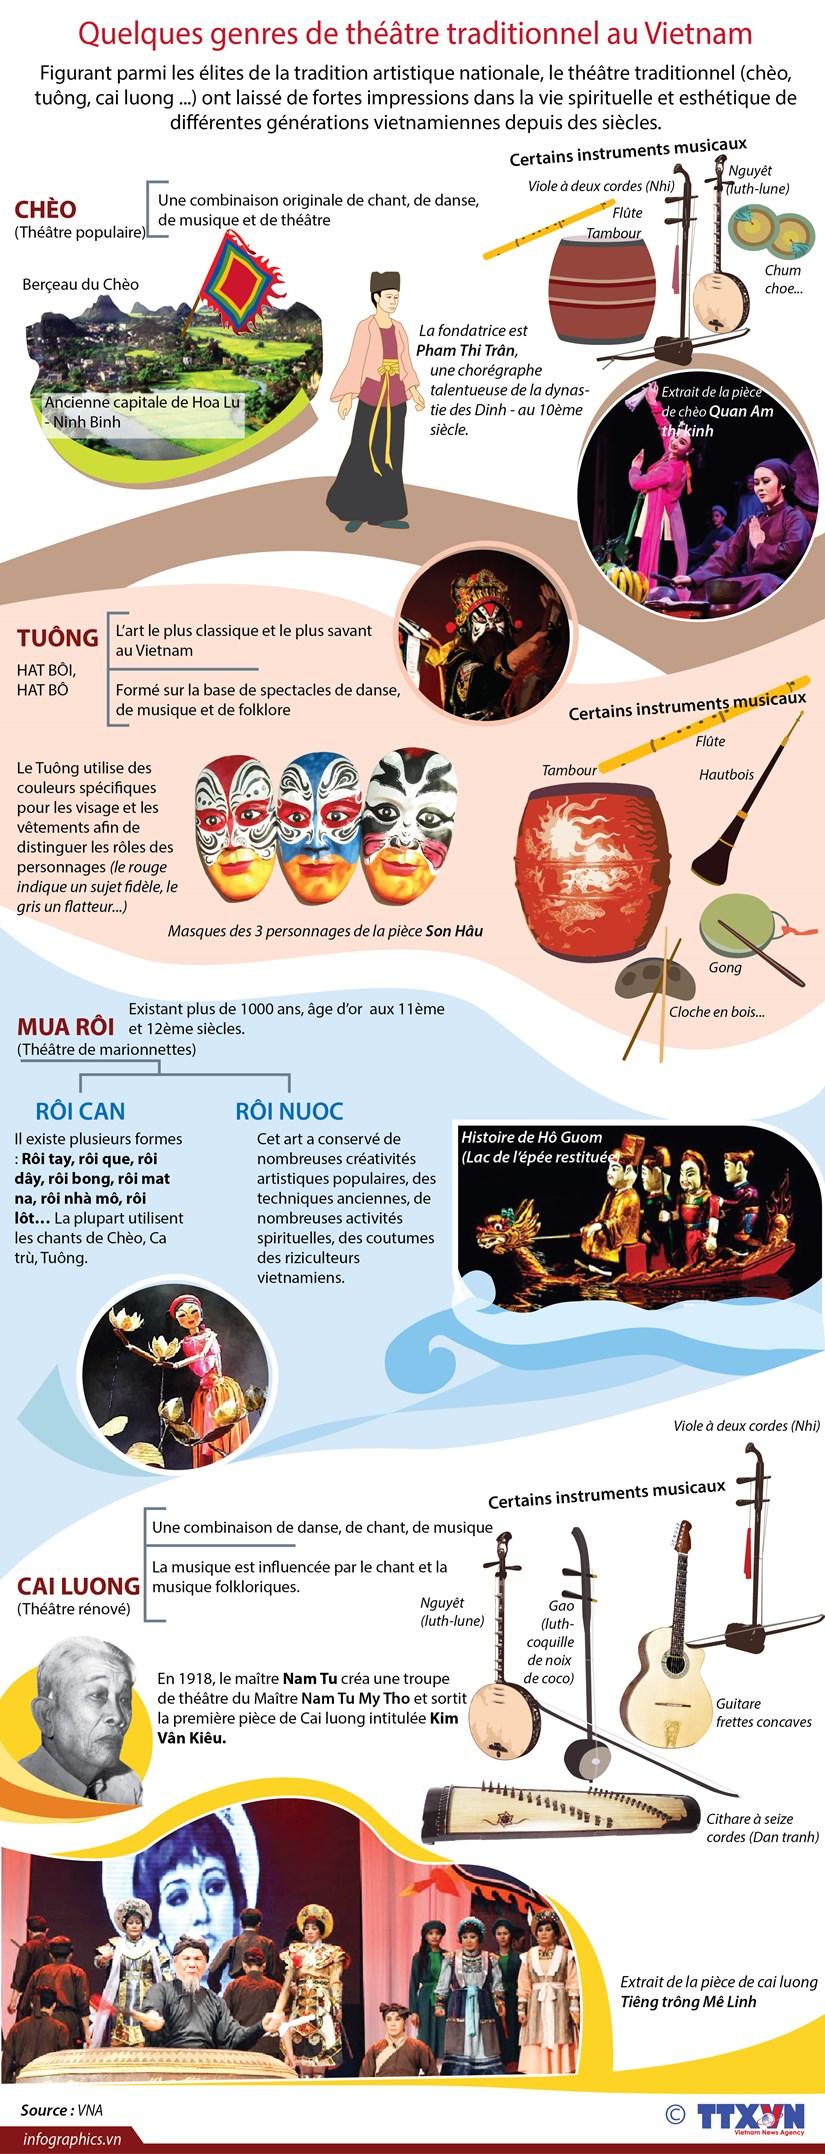 Quelques genres de theatre traditionnel au Vietnam hinh anh 1